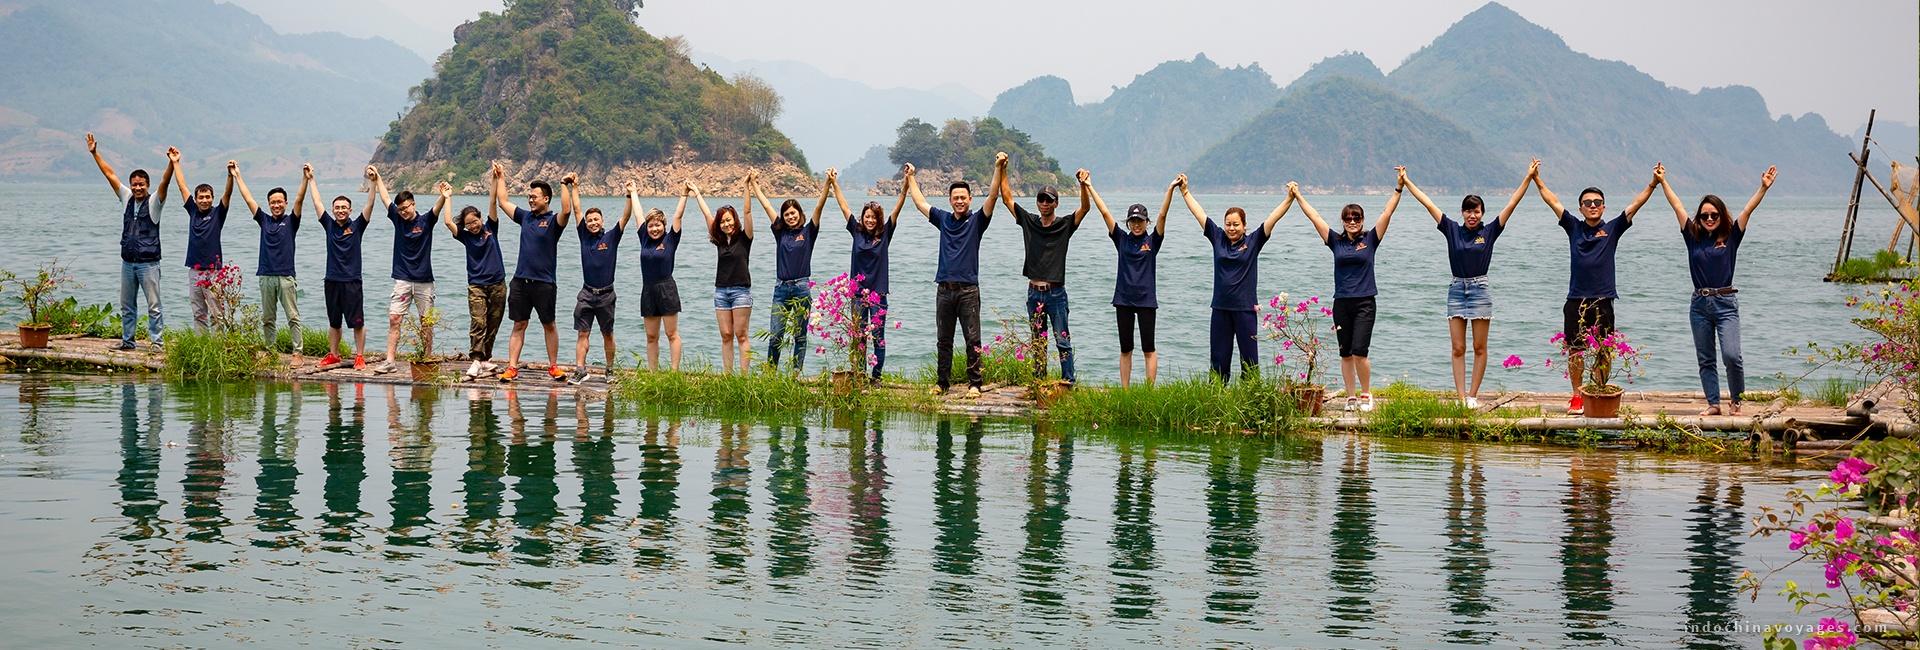 Indochina Voyages team